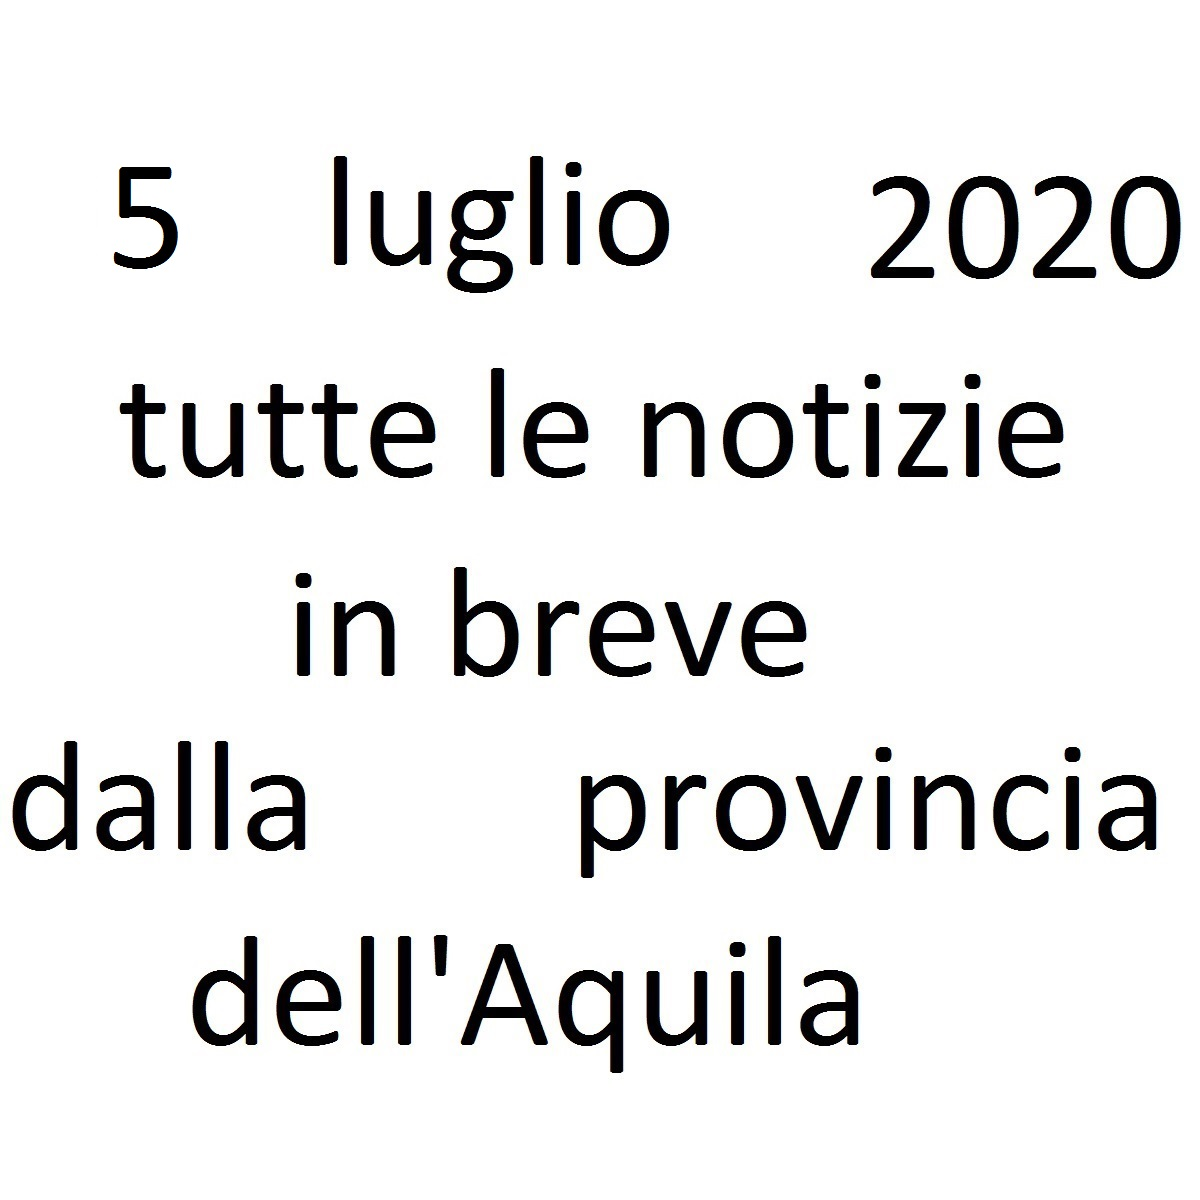 5 luglio 2020 notizie in breve dalla Provincia dell'Aquila foto